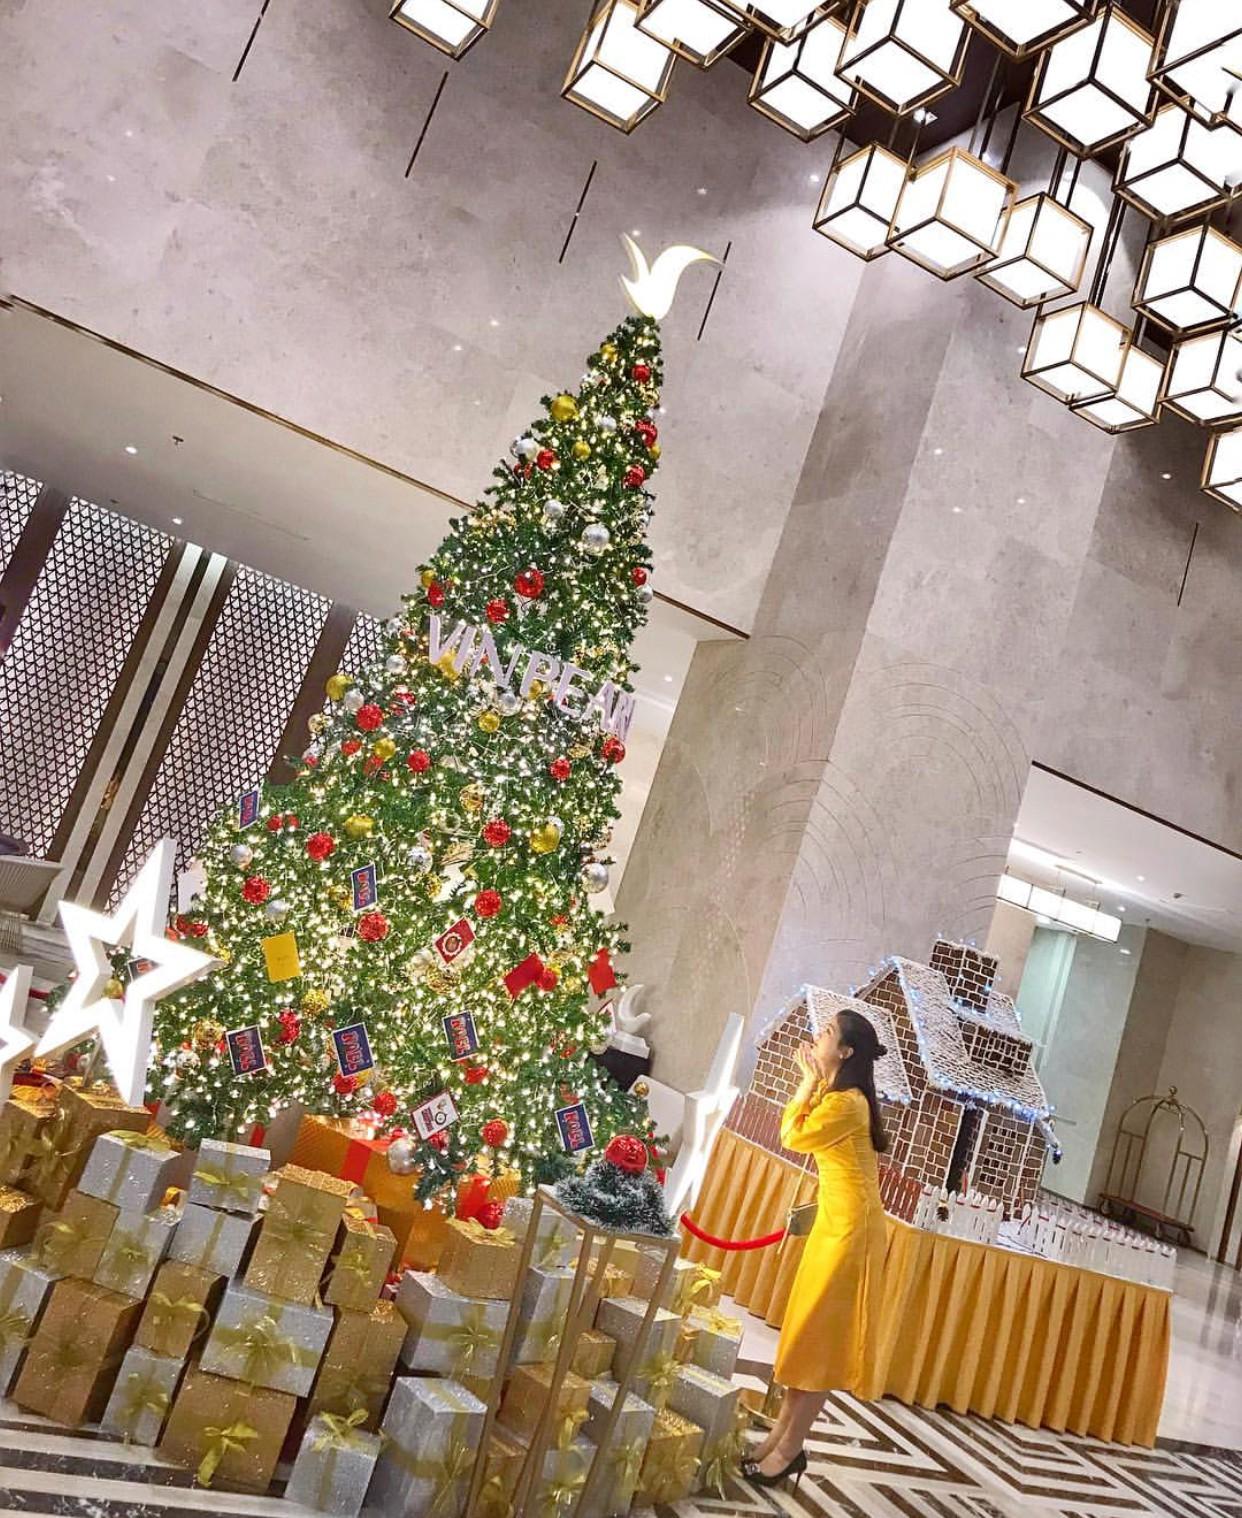 Không gian chuẩn mùa lễ hội của Vinpearl Hotels: Góc nào cũng lung linh, đã vậy còn được thưởng thức bữa tối với view ngàn sao! - Ảnh 14.